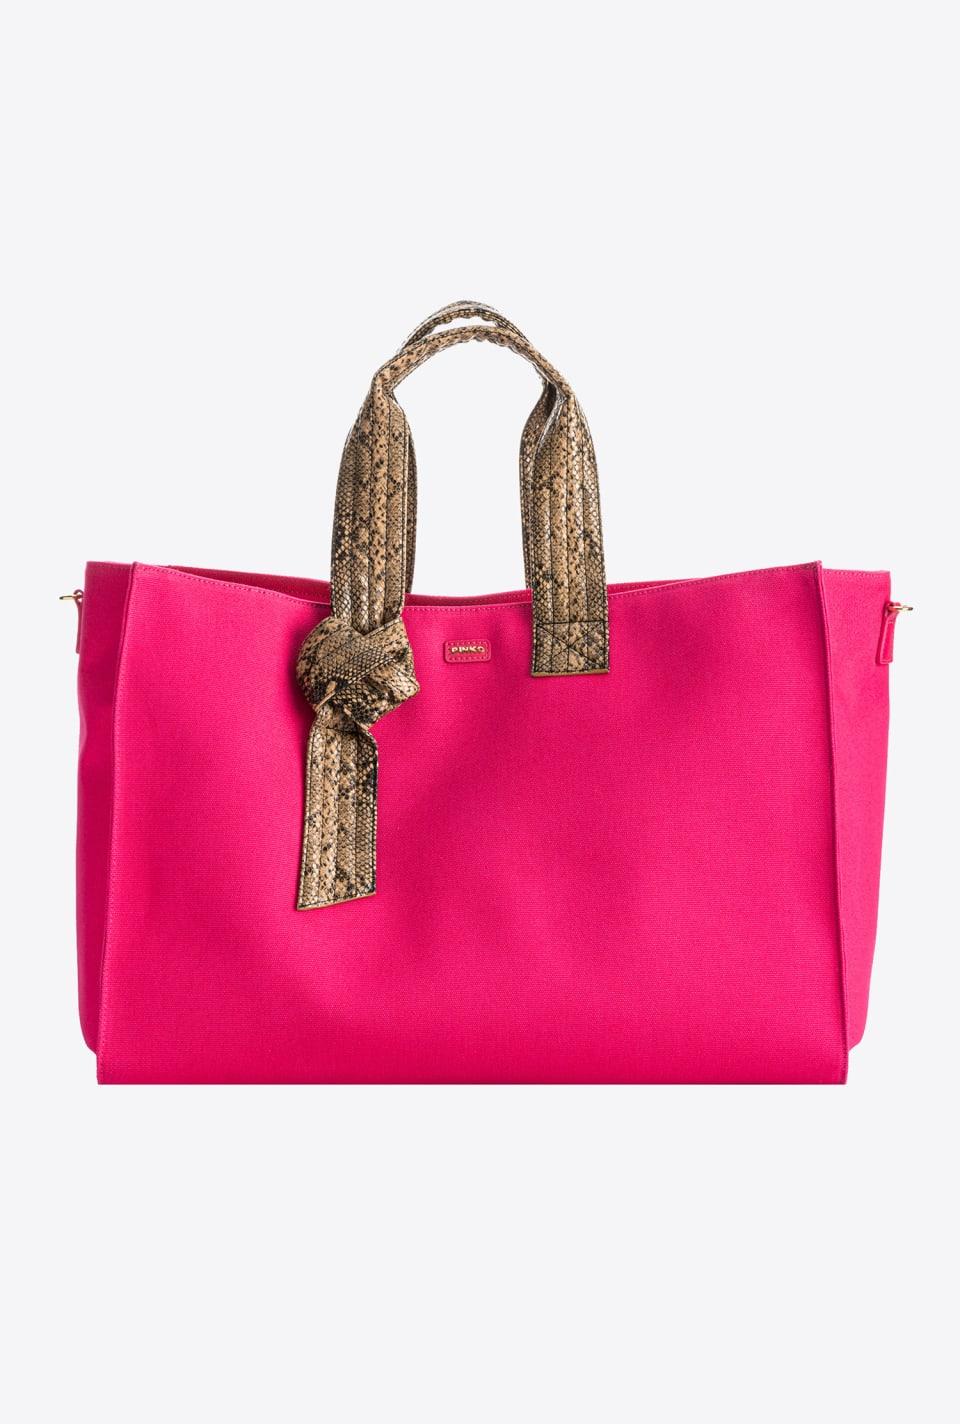 回收帆布大号购物包 - Pinko